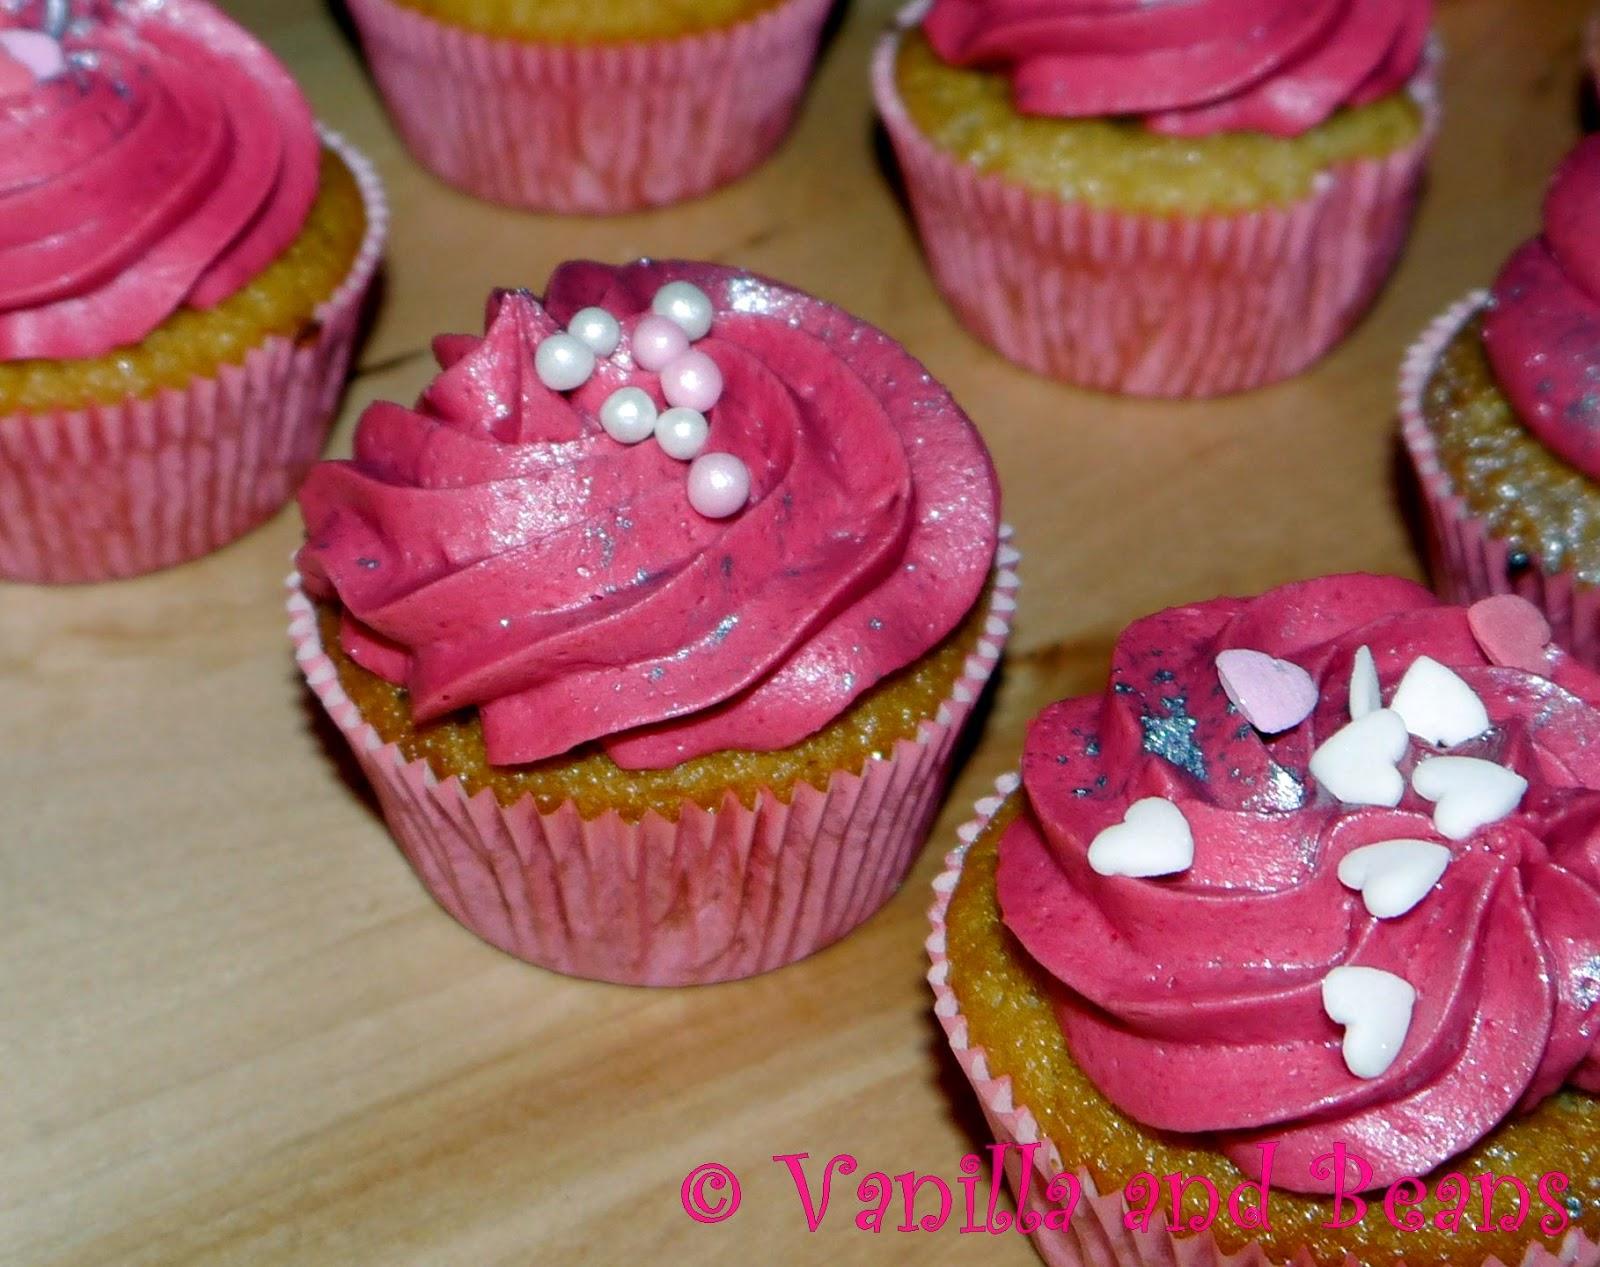 peanut butter & jelly cupcakes | erdnussbutter-cupcakes *vegan*